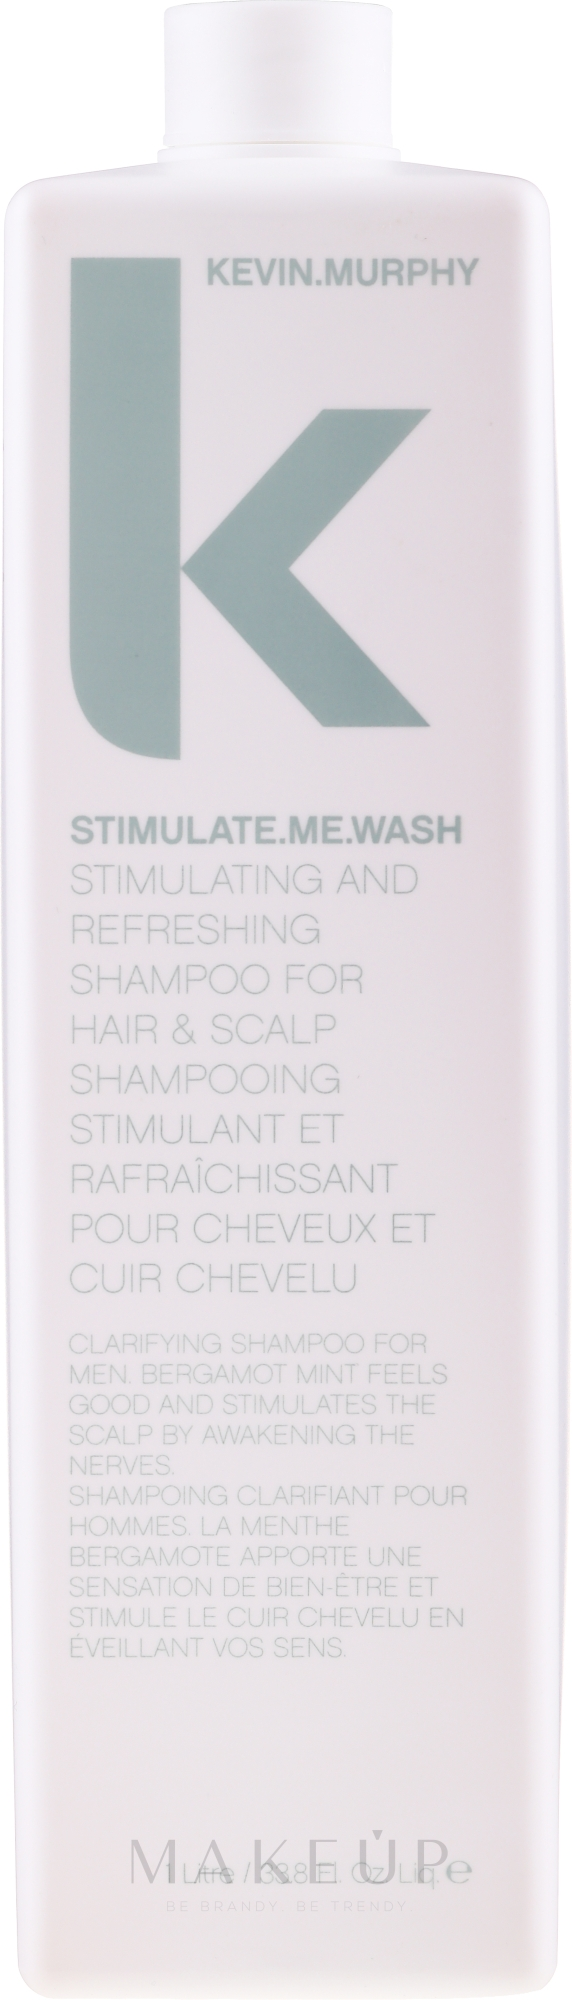 Erfrischendes Männershampoo - Kevin.Murphy Stimulate-Me Wash — Bild 1000 ml